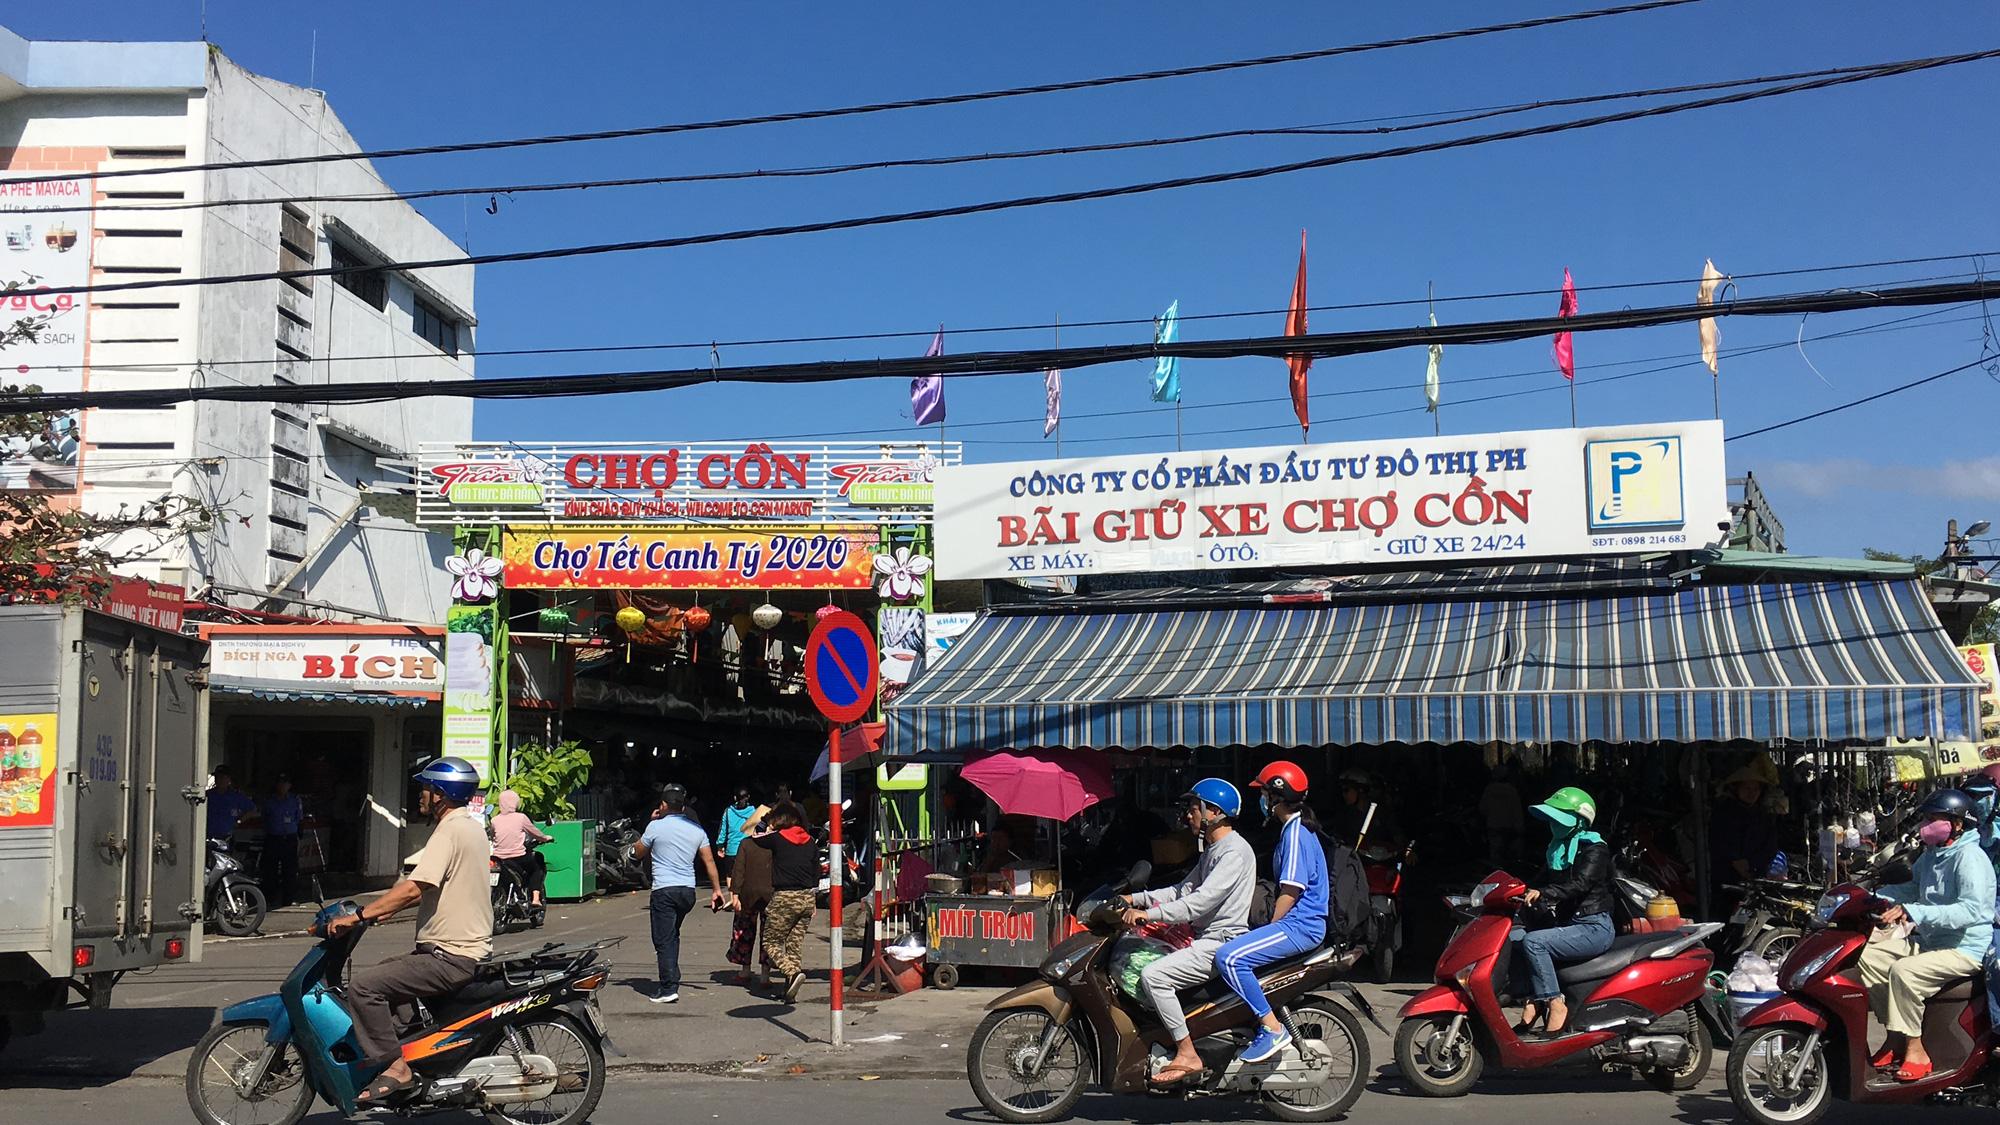 Đà Nẵng sẽ có chợ hiện đại tối đa 8 tầng, bãi đỗ xe đất vàng trung tâm thành phố - Ảnh 2.